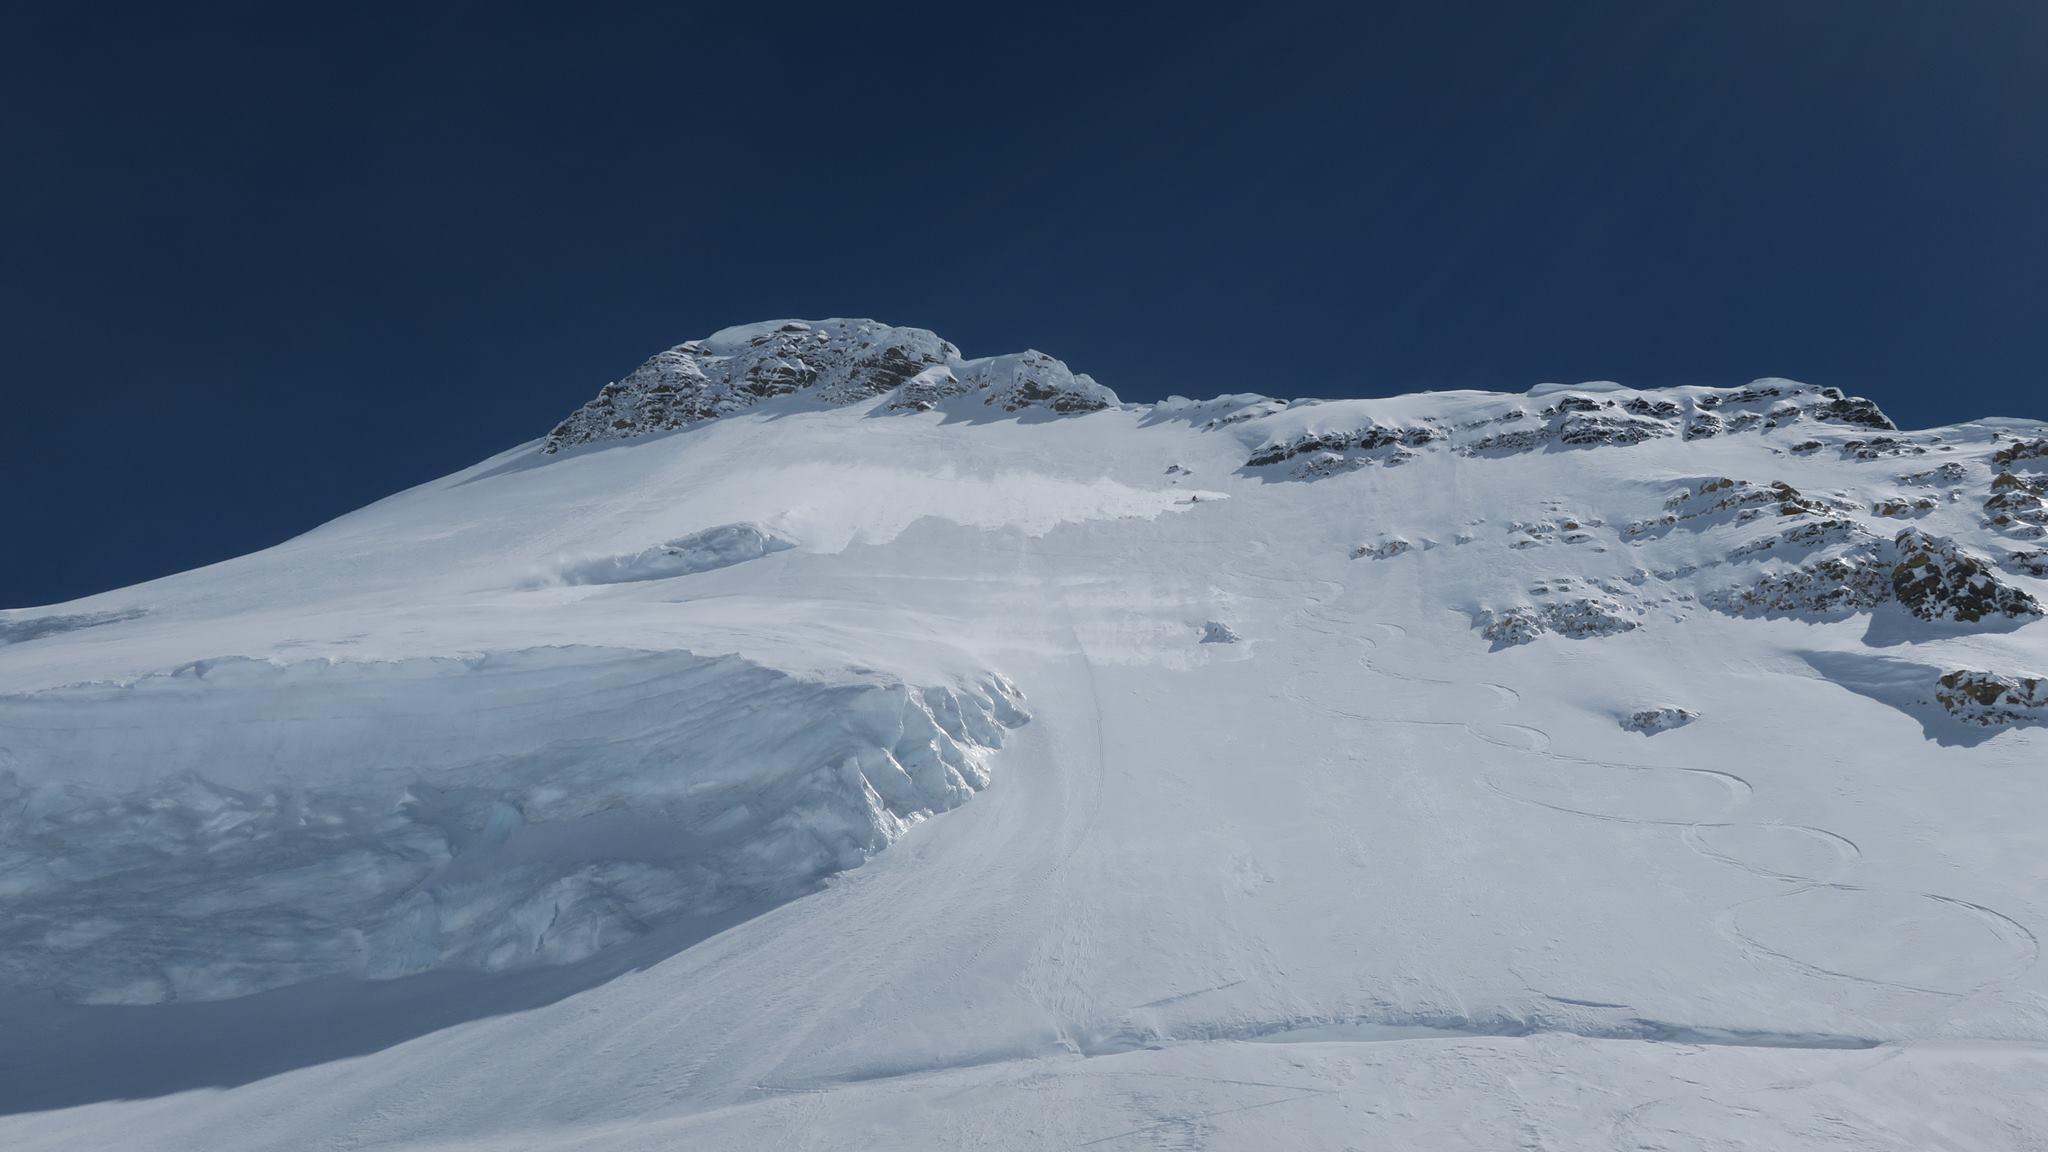 Matt Cote, skiing Whitehorn Mountain.